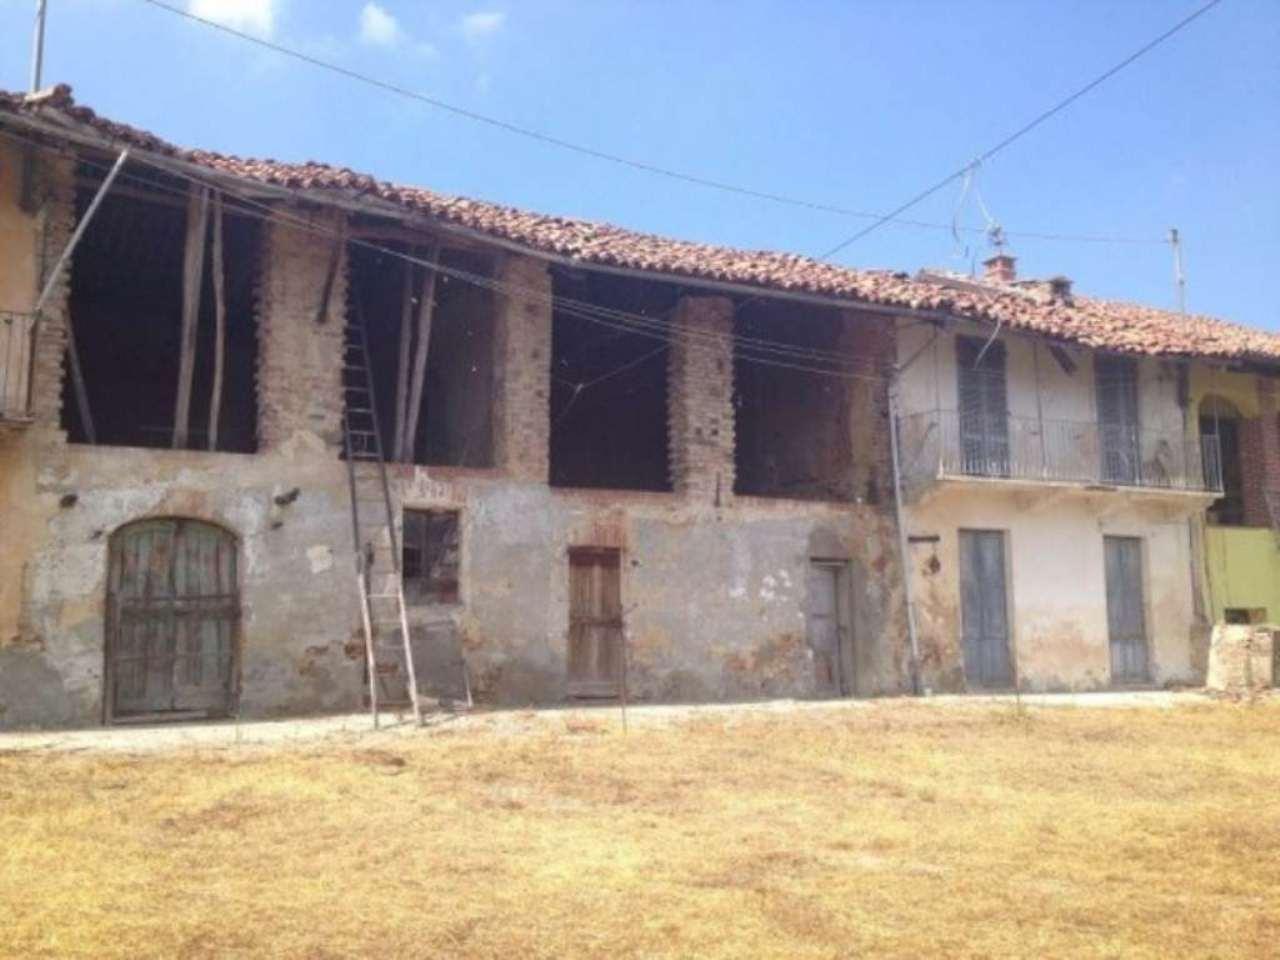 Rustico / Casale in vendita a Aramengo, 6 locali, prezzo € 29.000 | Cambio Casa.it